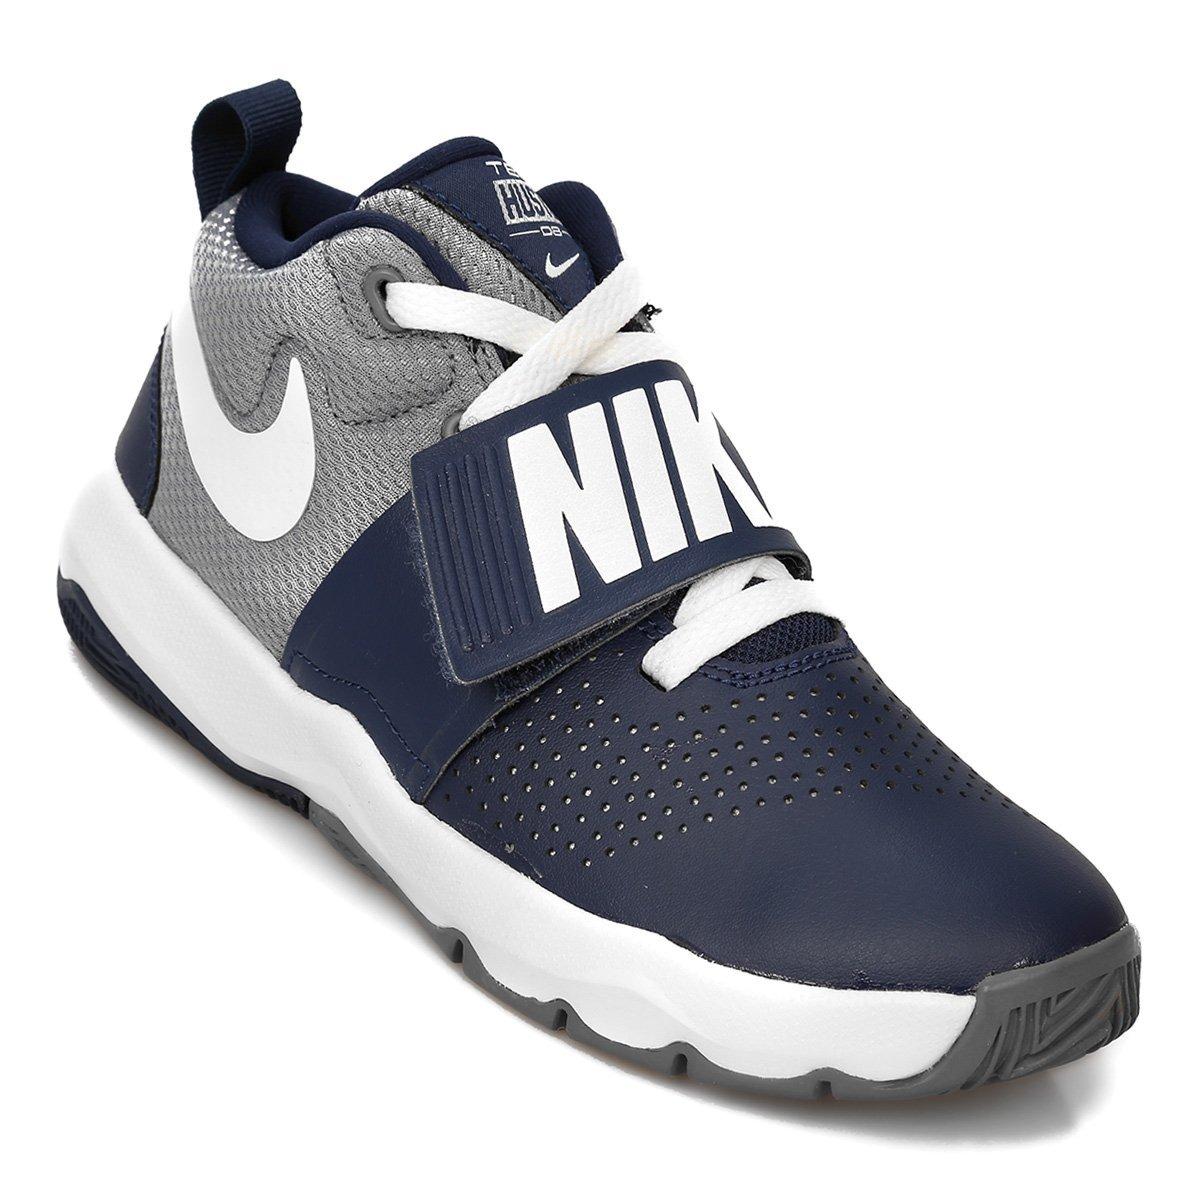 Zapatillas Nike Team Hustle D8 Infantil Azul Y Gris